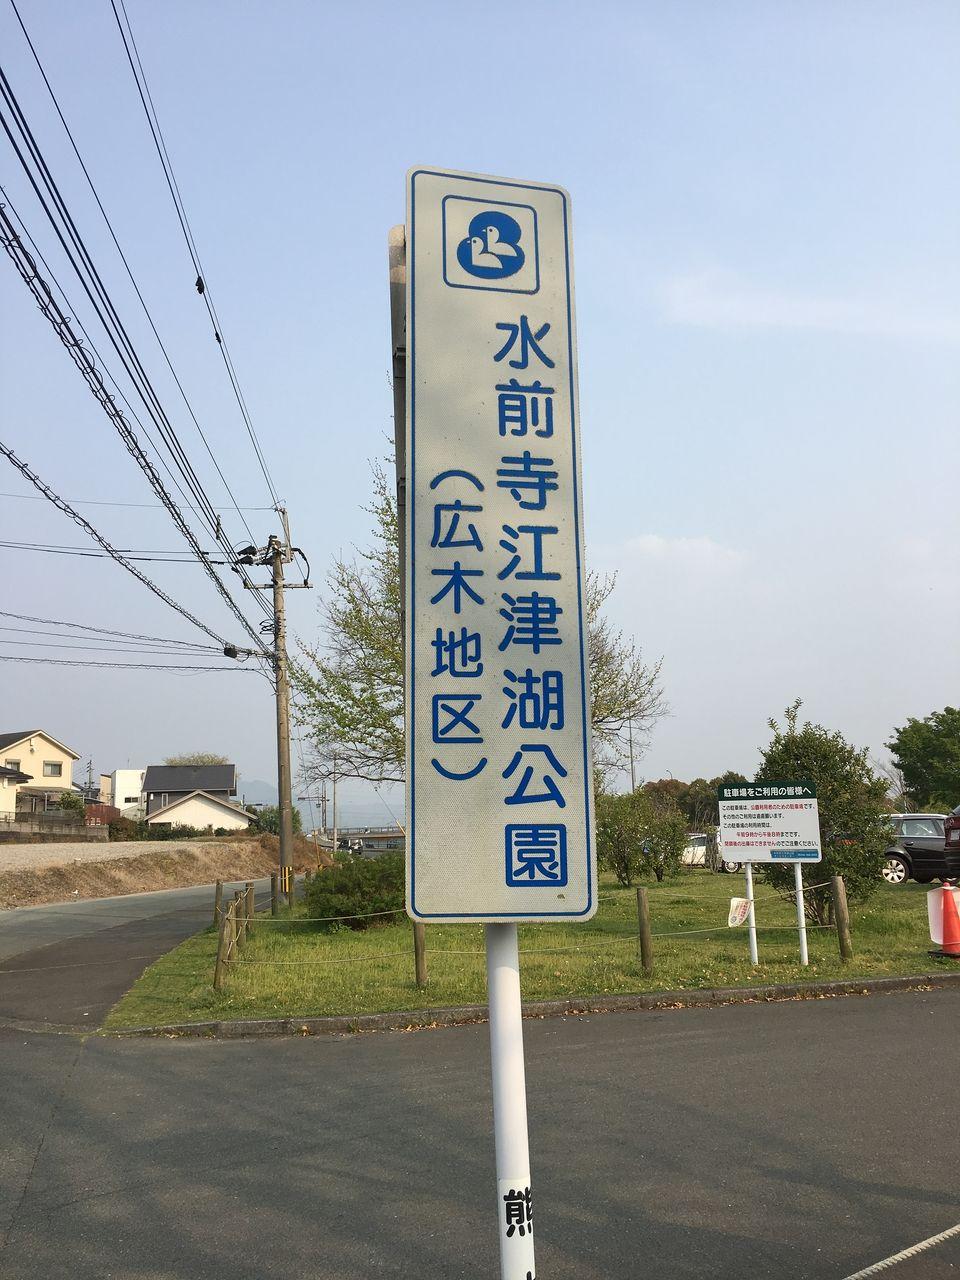 熊本市東区の水前寺江津湖公園・広木地区の駐車場入り口の看板